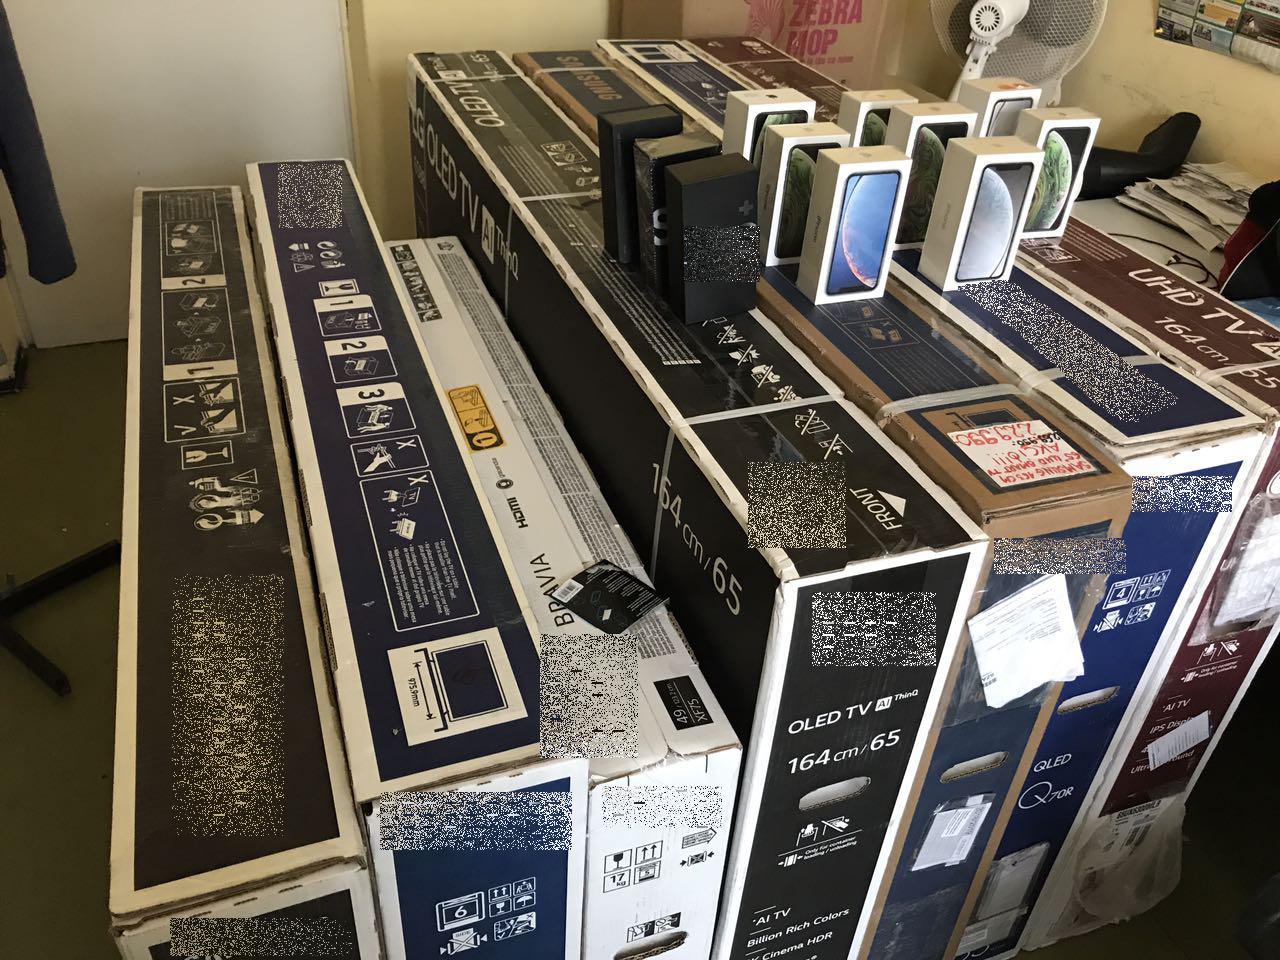 Mások adataival vásároltak mobiltelefonokat és tévéket kaposvári csalók